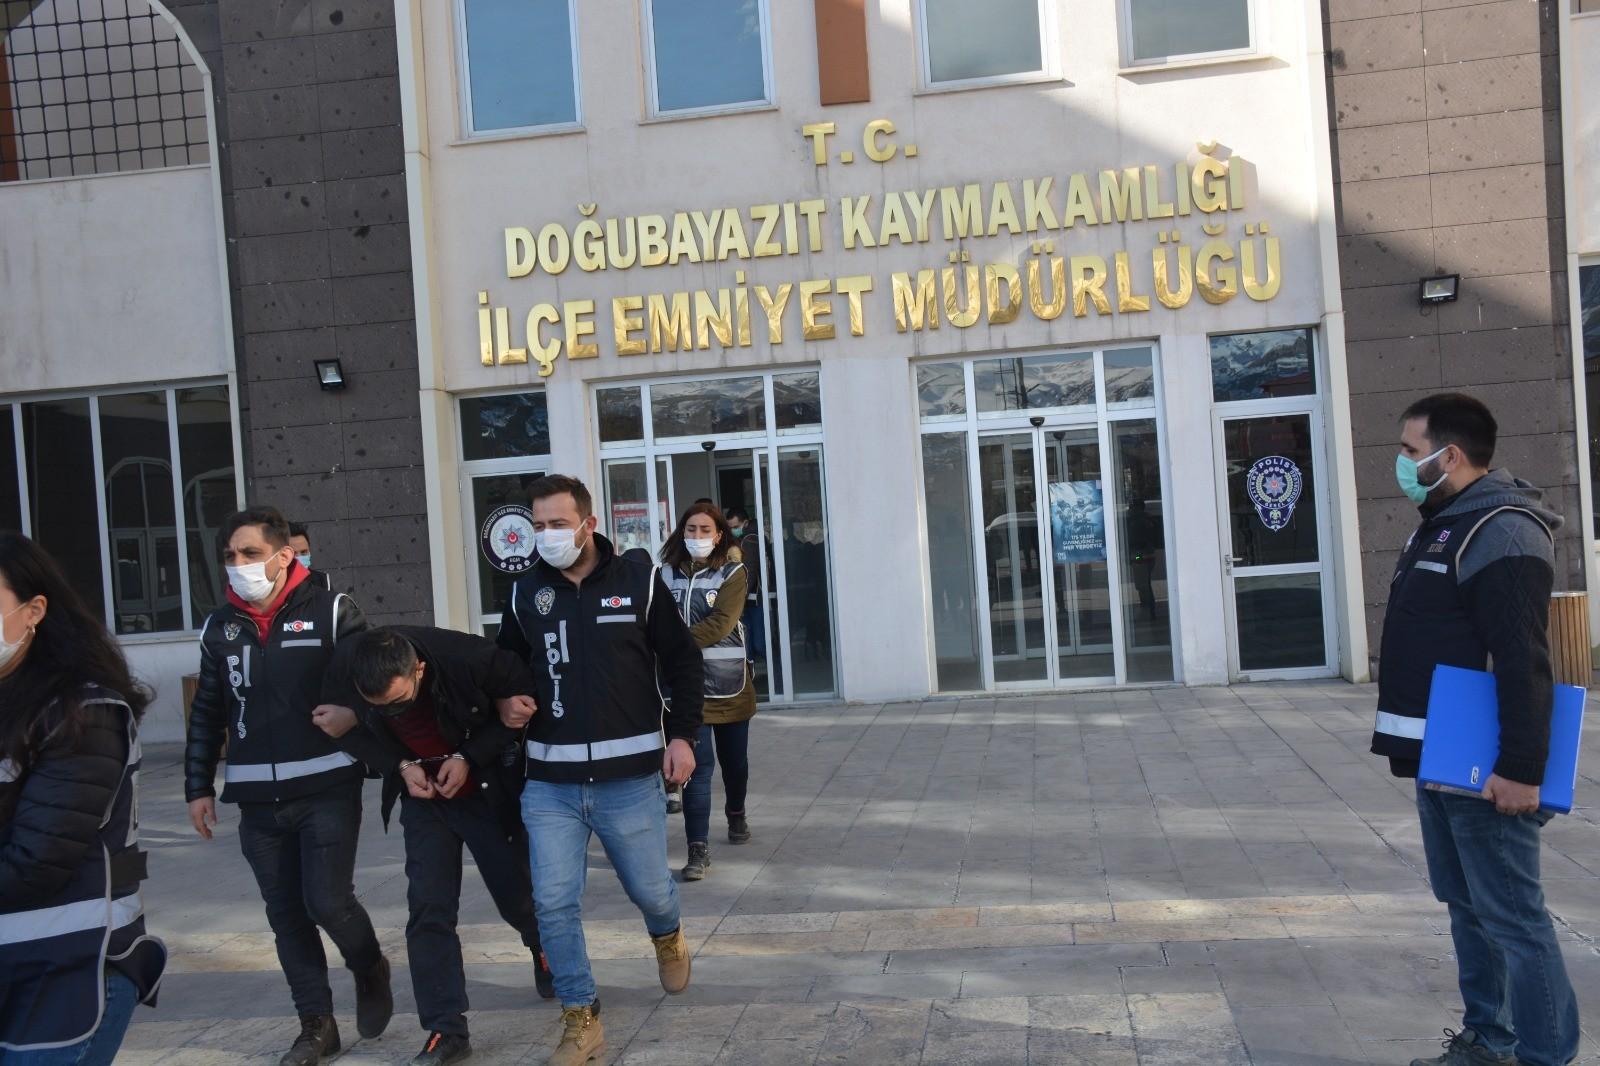 Ağrı Doğubayazıt'ta 'Sahte Gelinler' operasyonunda 6 kişi tutuklandı